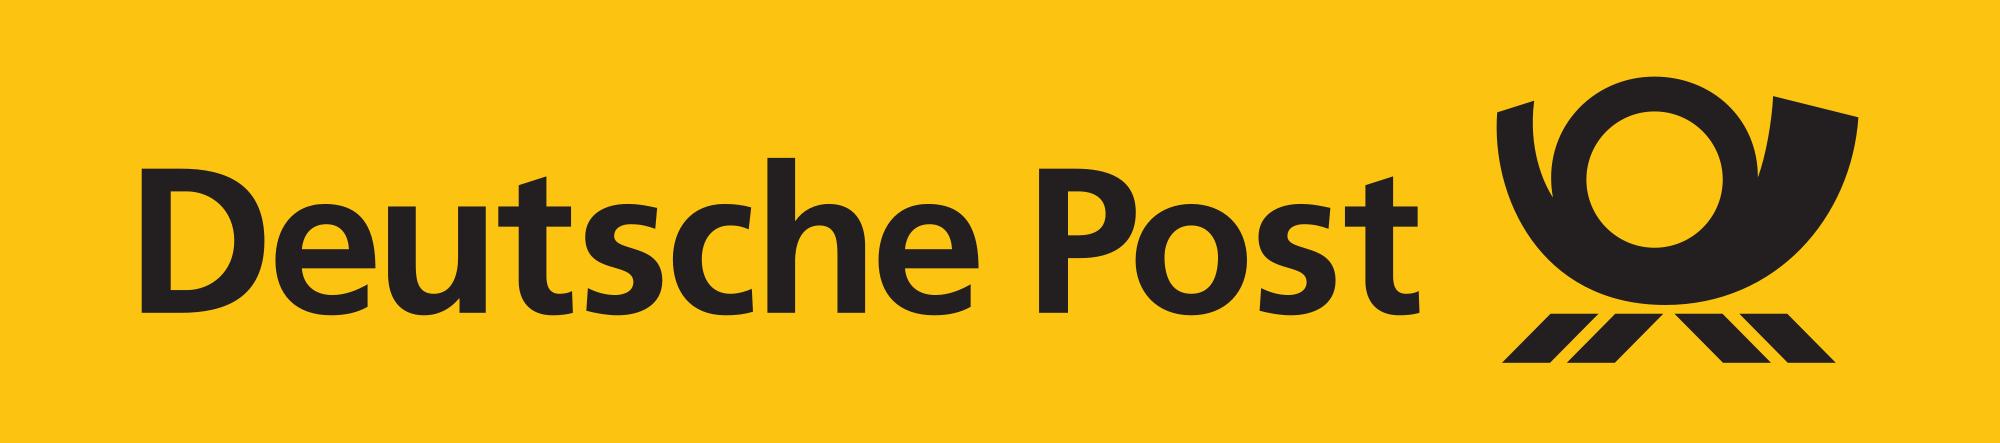 Versand: Deutsche Post